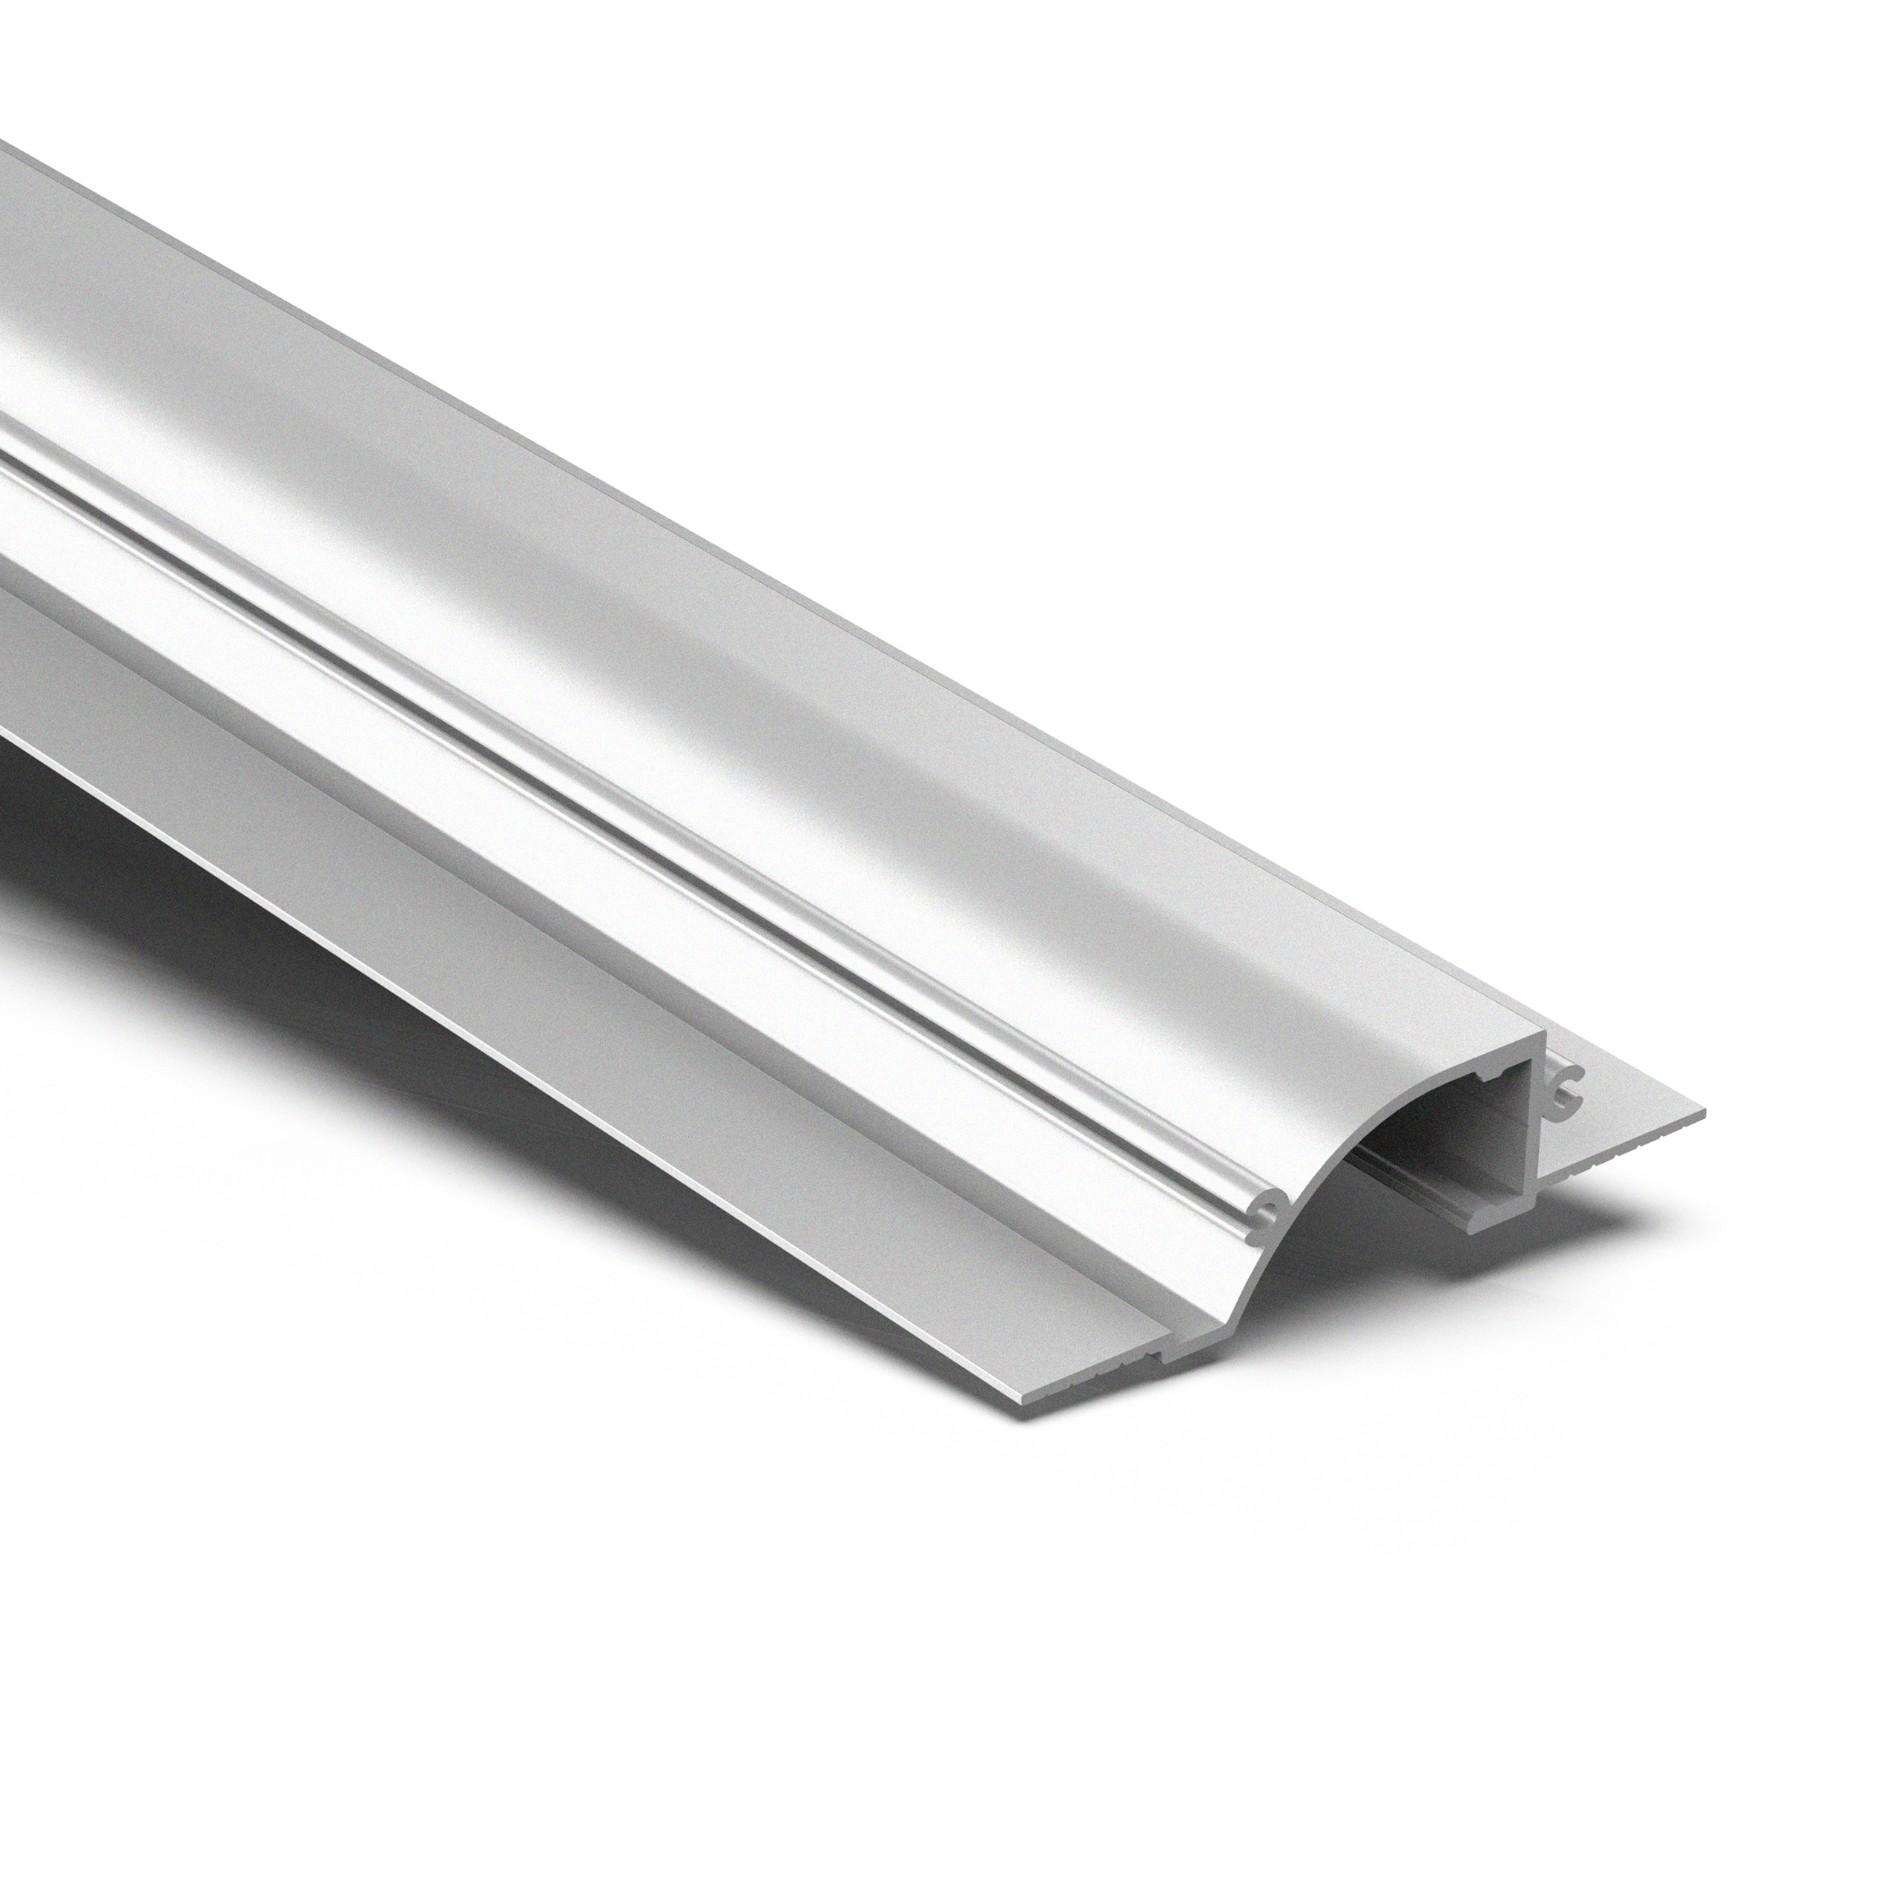 CTW1 Indirekte LED Linear versenkt trimmloses Deckenleuchtenstreifenprofil 86,5 x 19,6 mm